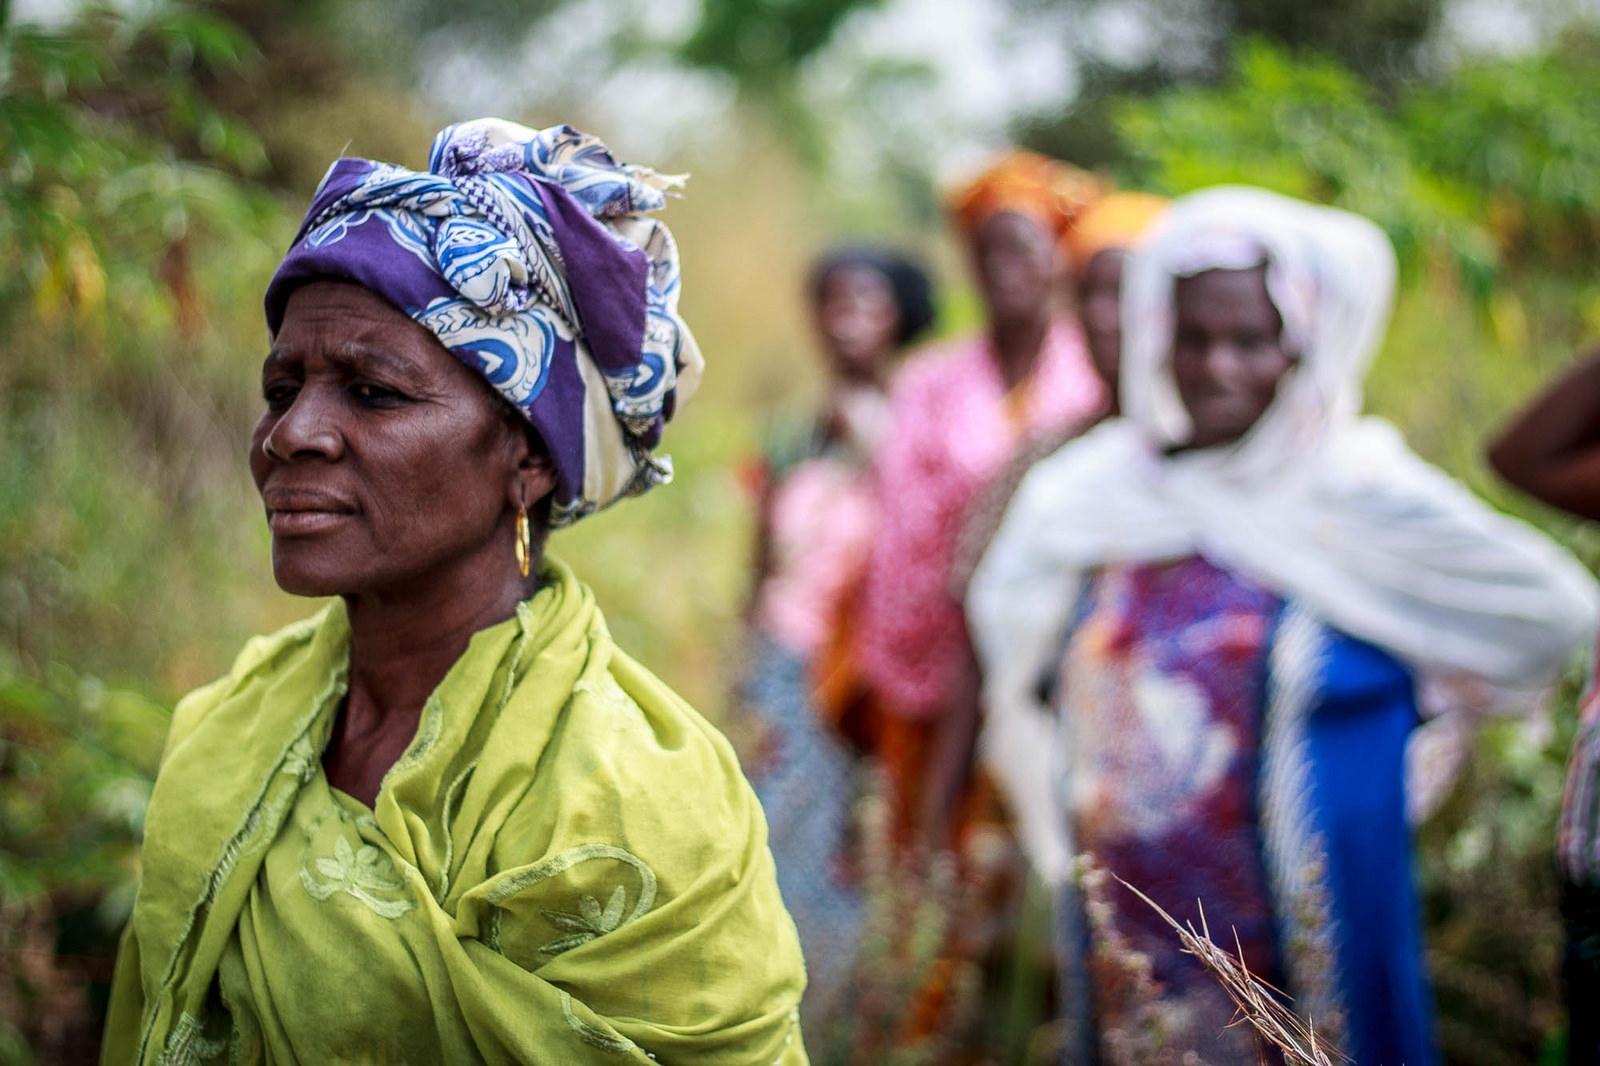 Women walking in a field in Africa